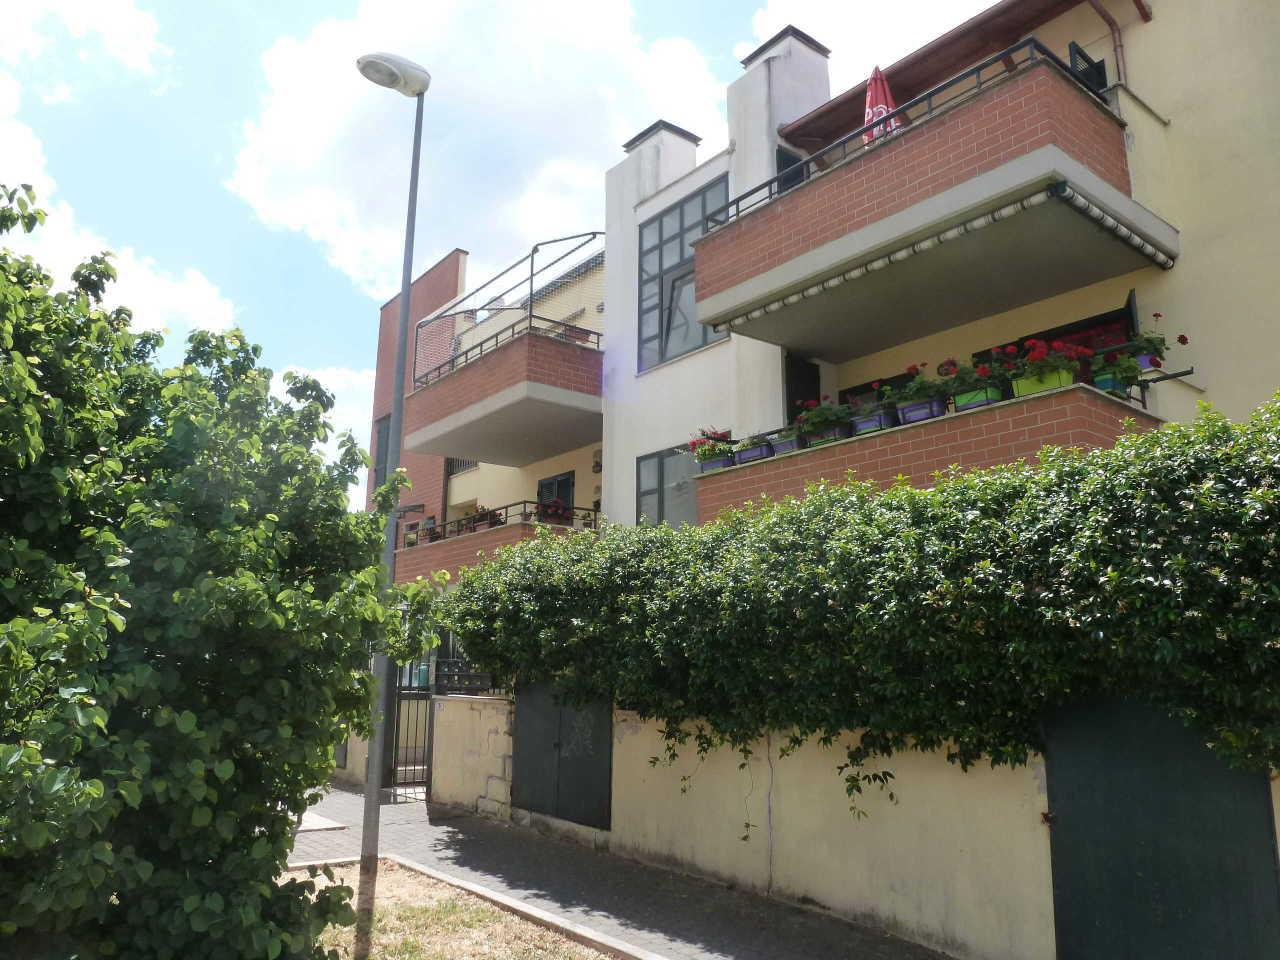 Appartamento in vendita a Grottaferrata, 6 locali, prezzo € 225.000 | CambioCasa.it